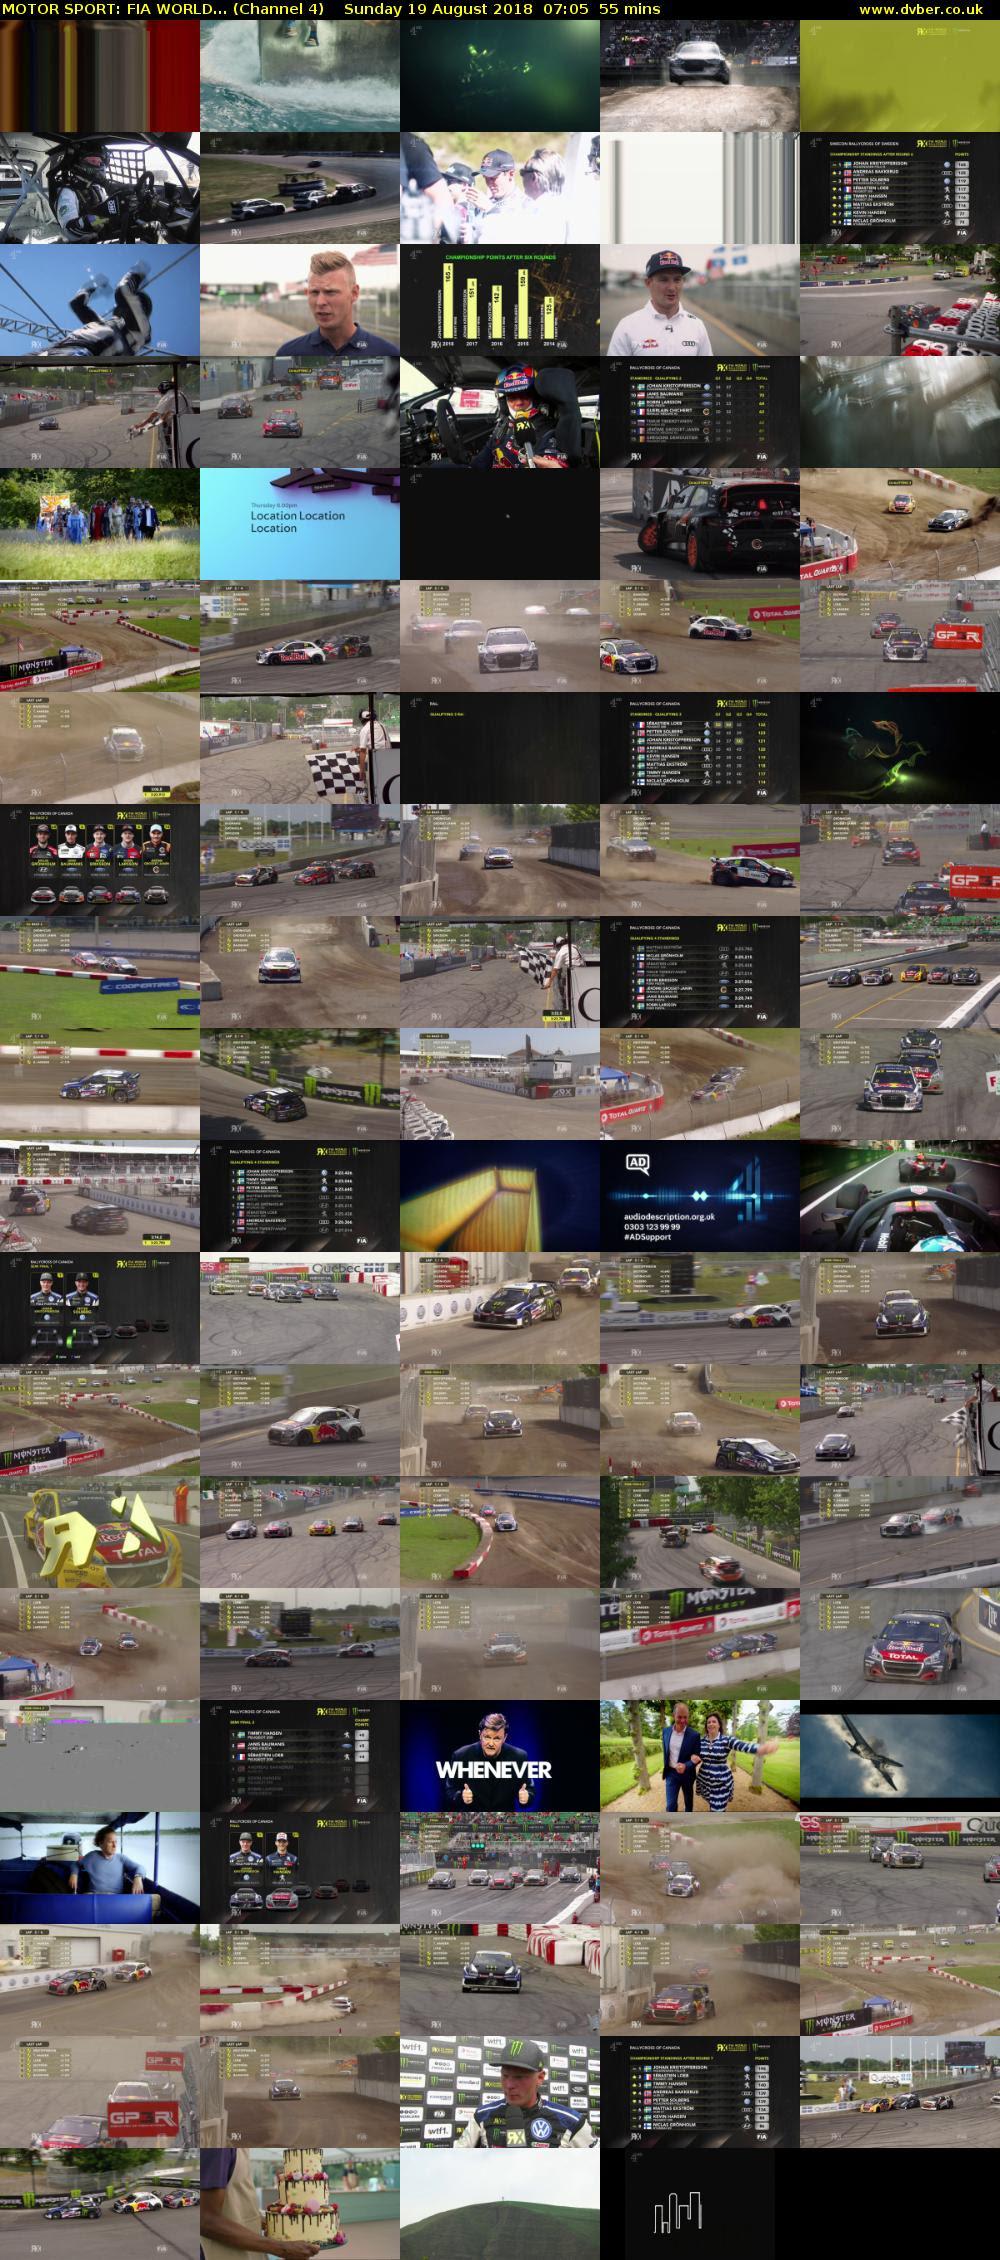 MOTOR SPORT: FIA WORLD... (Channel 4 HD) - 2018-08-19-0705